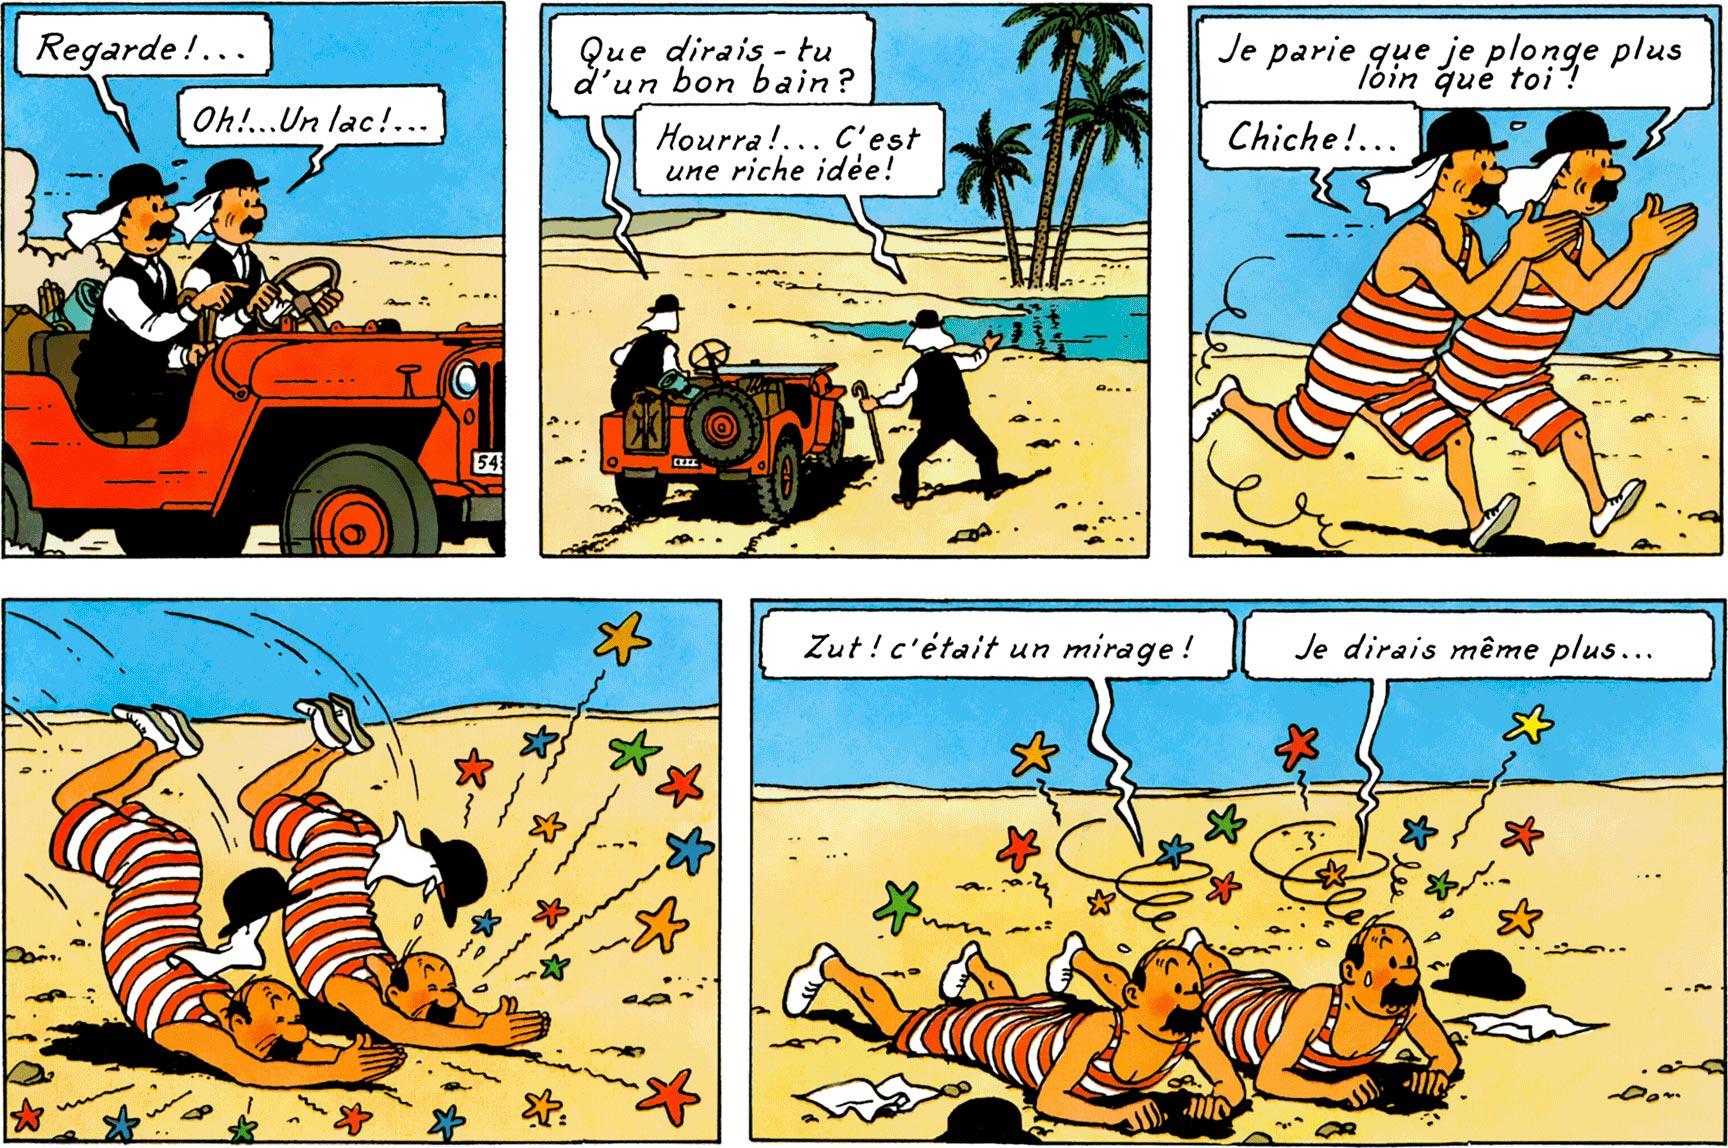 Dupondt baigneurs, mirage - Tintin au pays de l'Or noir